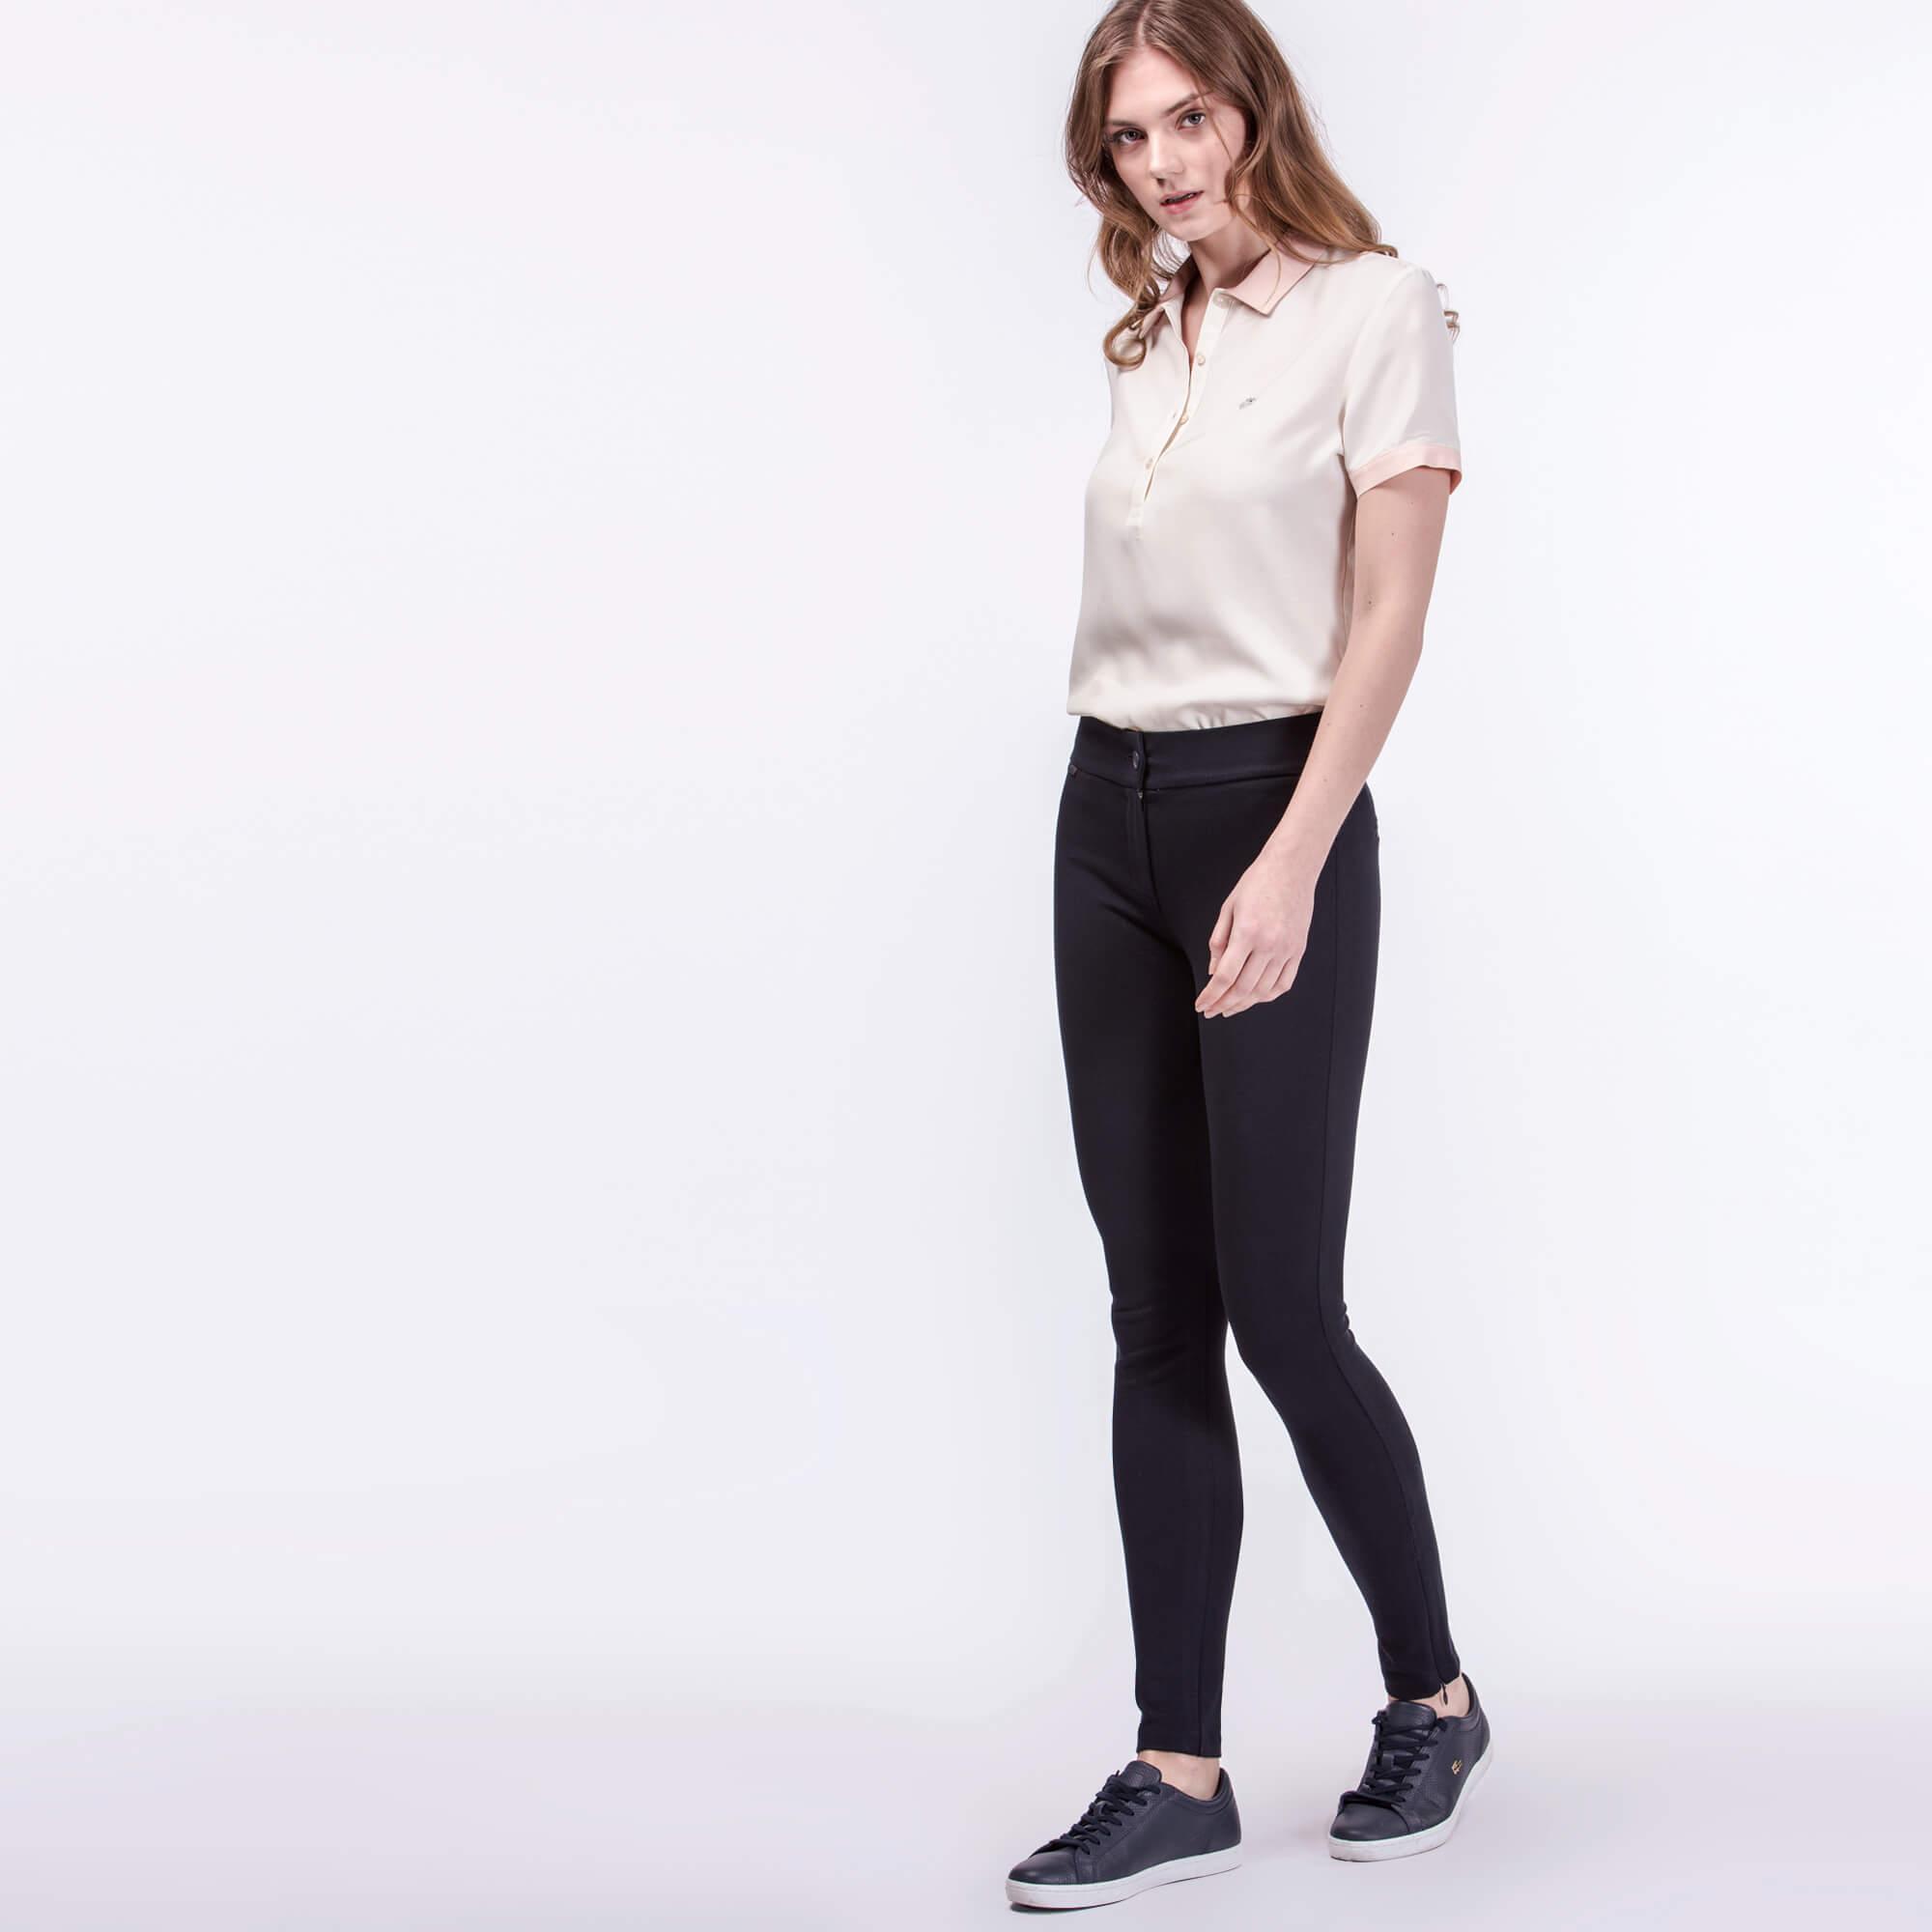 Брюки Lacoste Regular fitБрюки<br>Детали: стильные женские брюки с логотипом Lacoste, расположенным на талии  \ Материал: 64% вискоза 31% полиамид 5% эластан \ Страна производства: Турция